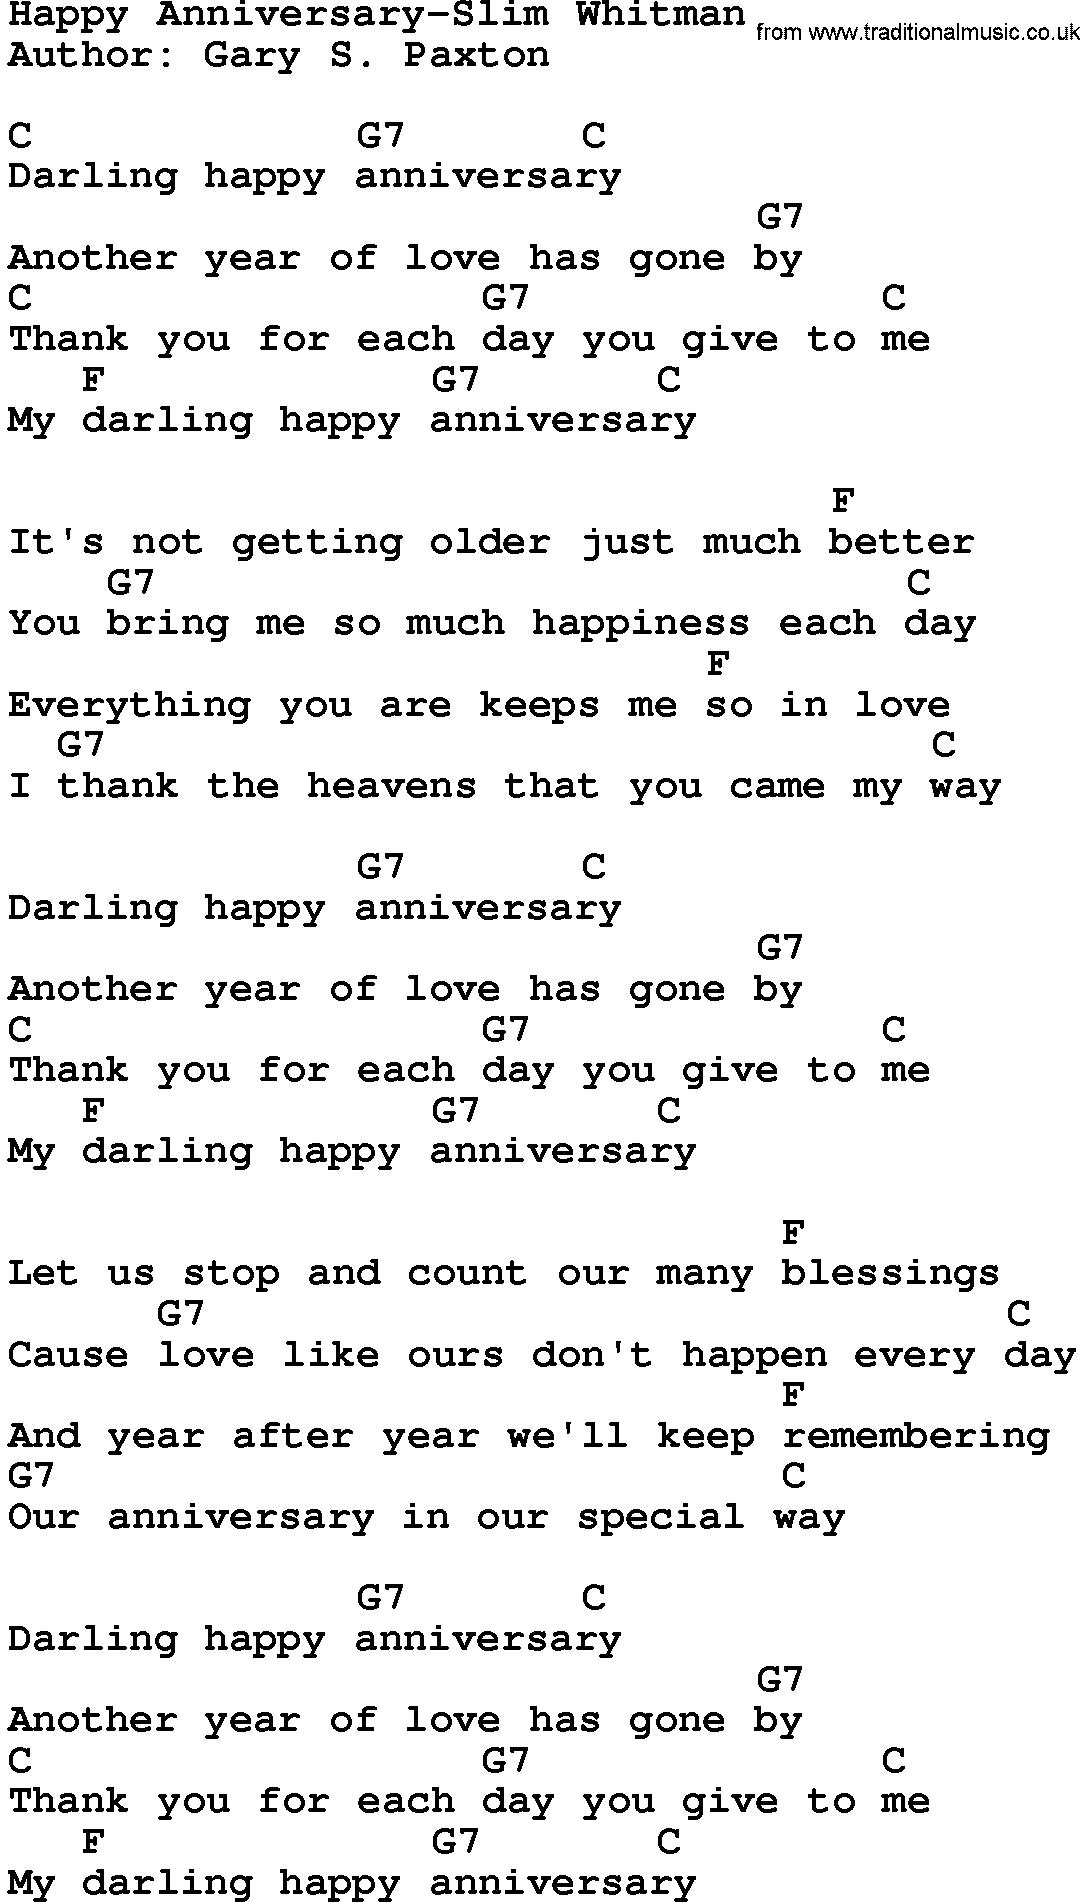 Country Music Happy Anniversary Slim Whitman Lyrics And Chords